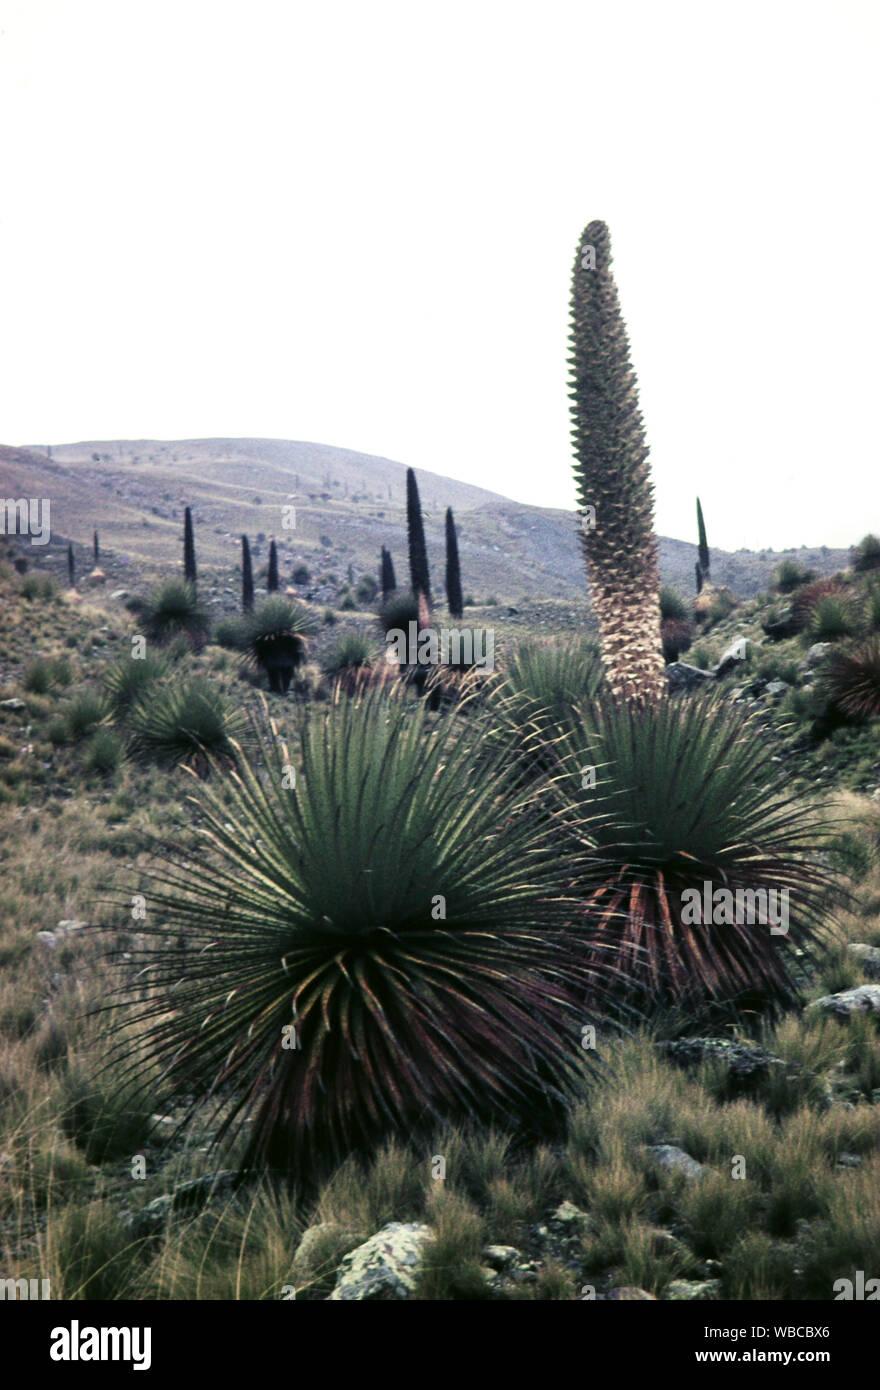 Noch verschlossene Puya Raimondii, Bromeliengewächs, beheimatet in Peru, 1960er Jahre. Still closed Puya Raimondii, bromeliad at Peru, 1960s. Stock Photo